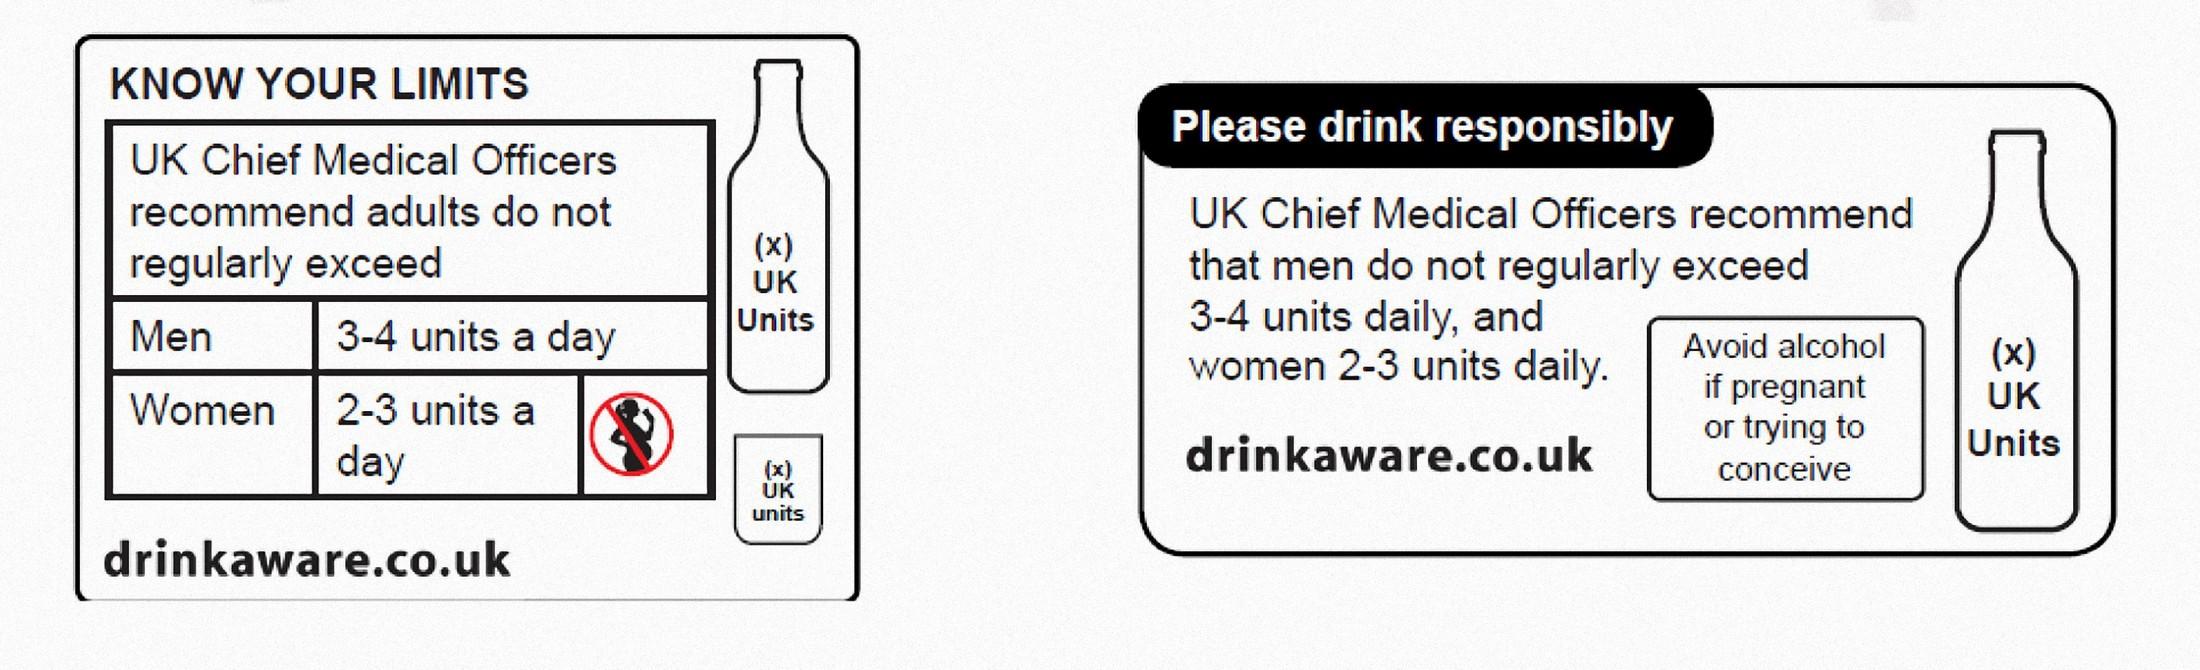 Etiquetas nuevas para el alcohol en Reino Unido